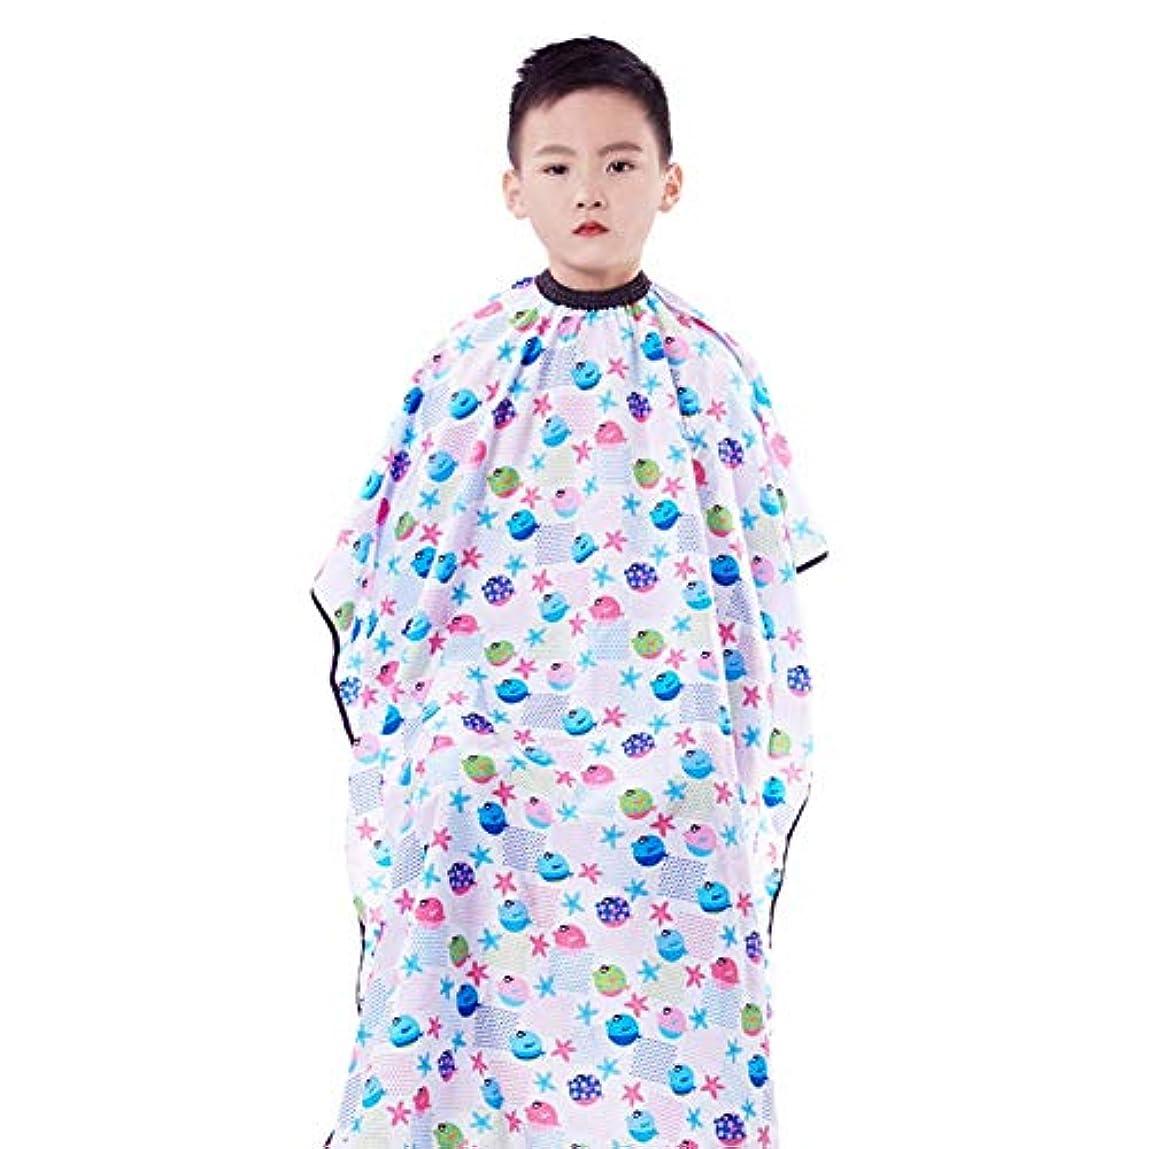 忌まわしい徴収場合Chinashow プロフェッショナルサロンクライアントガウンローブケープかわいい魚は子供 サロン岬を印刷します